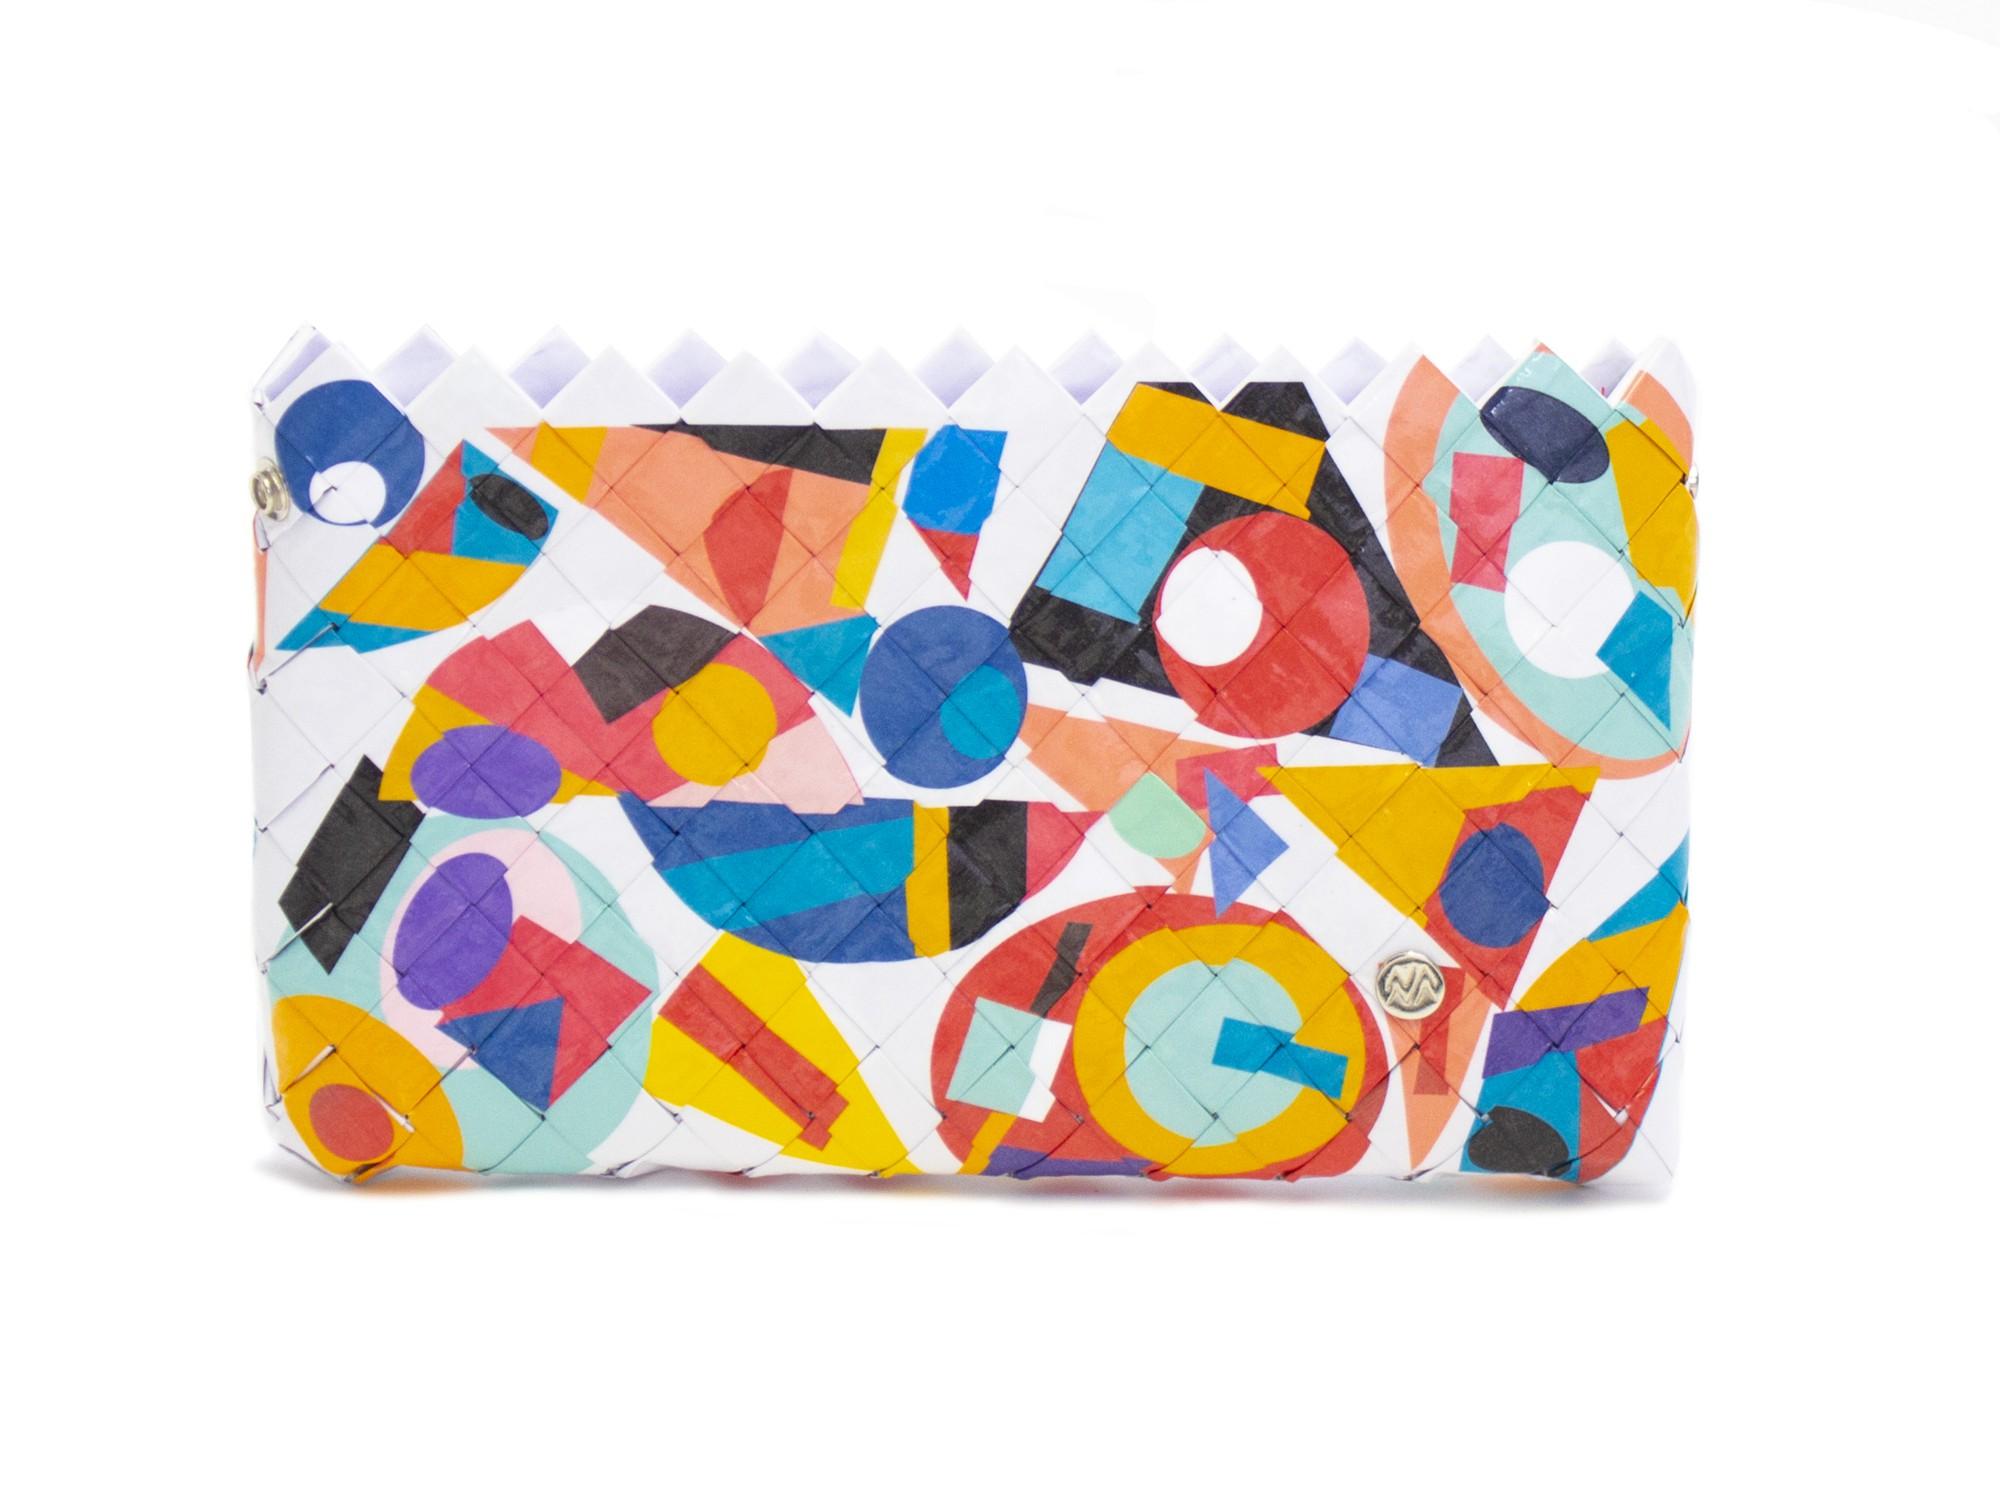 Sac à main / Pochette à fond blanc Twister Naona